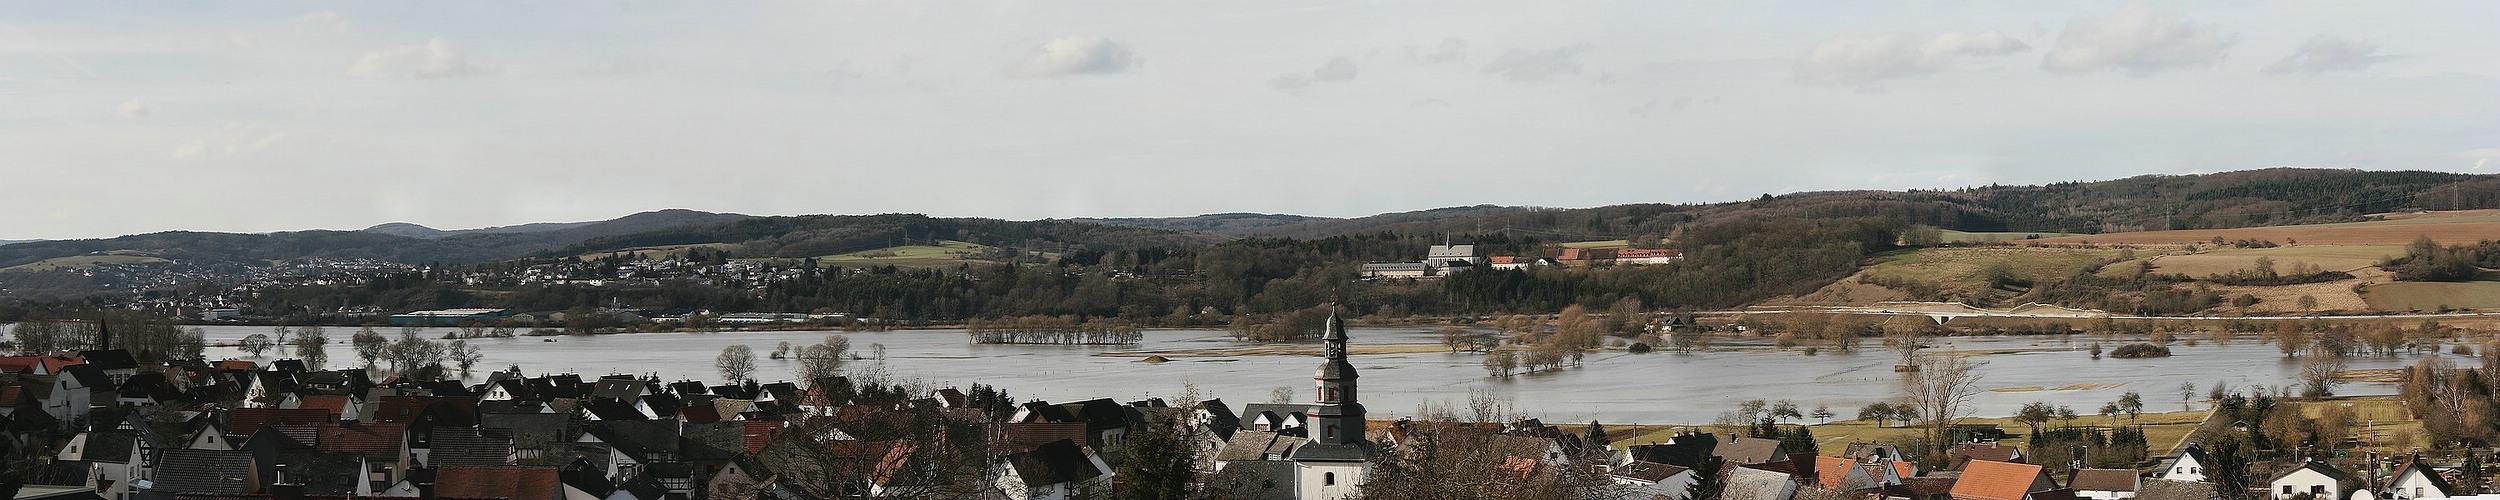 Hochwasser-Pano